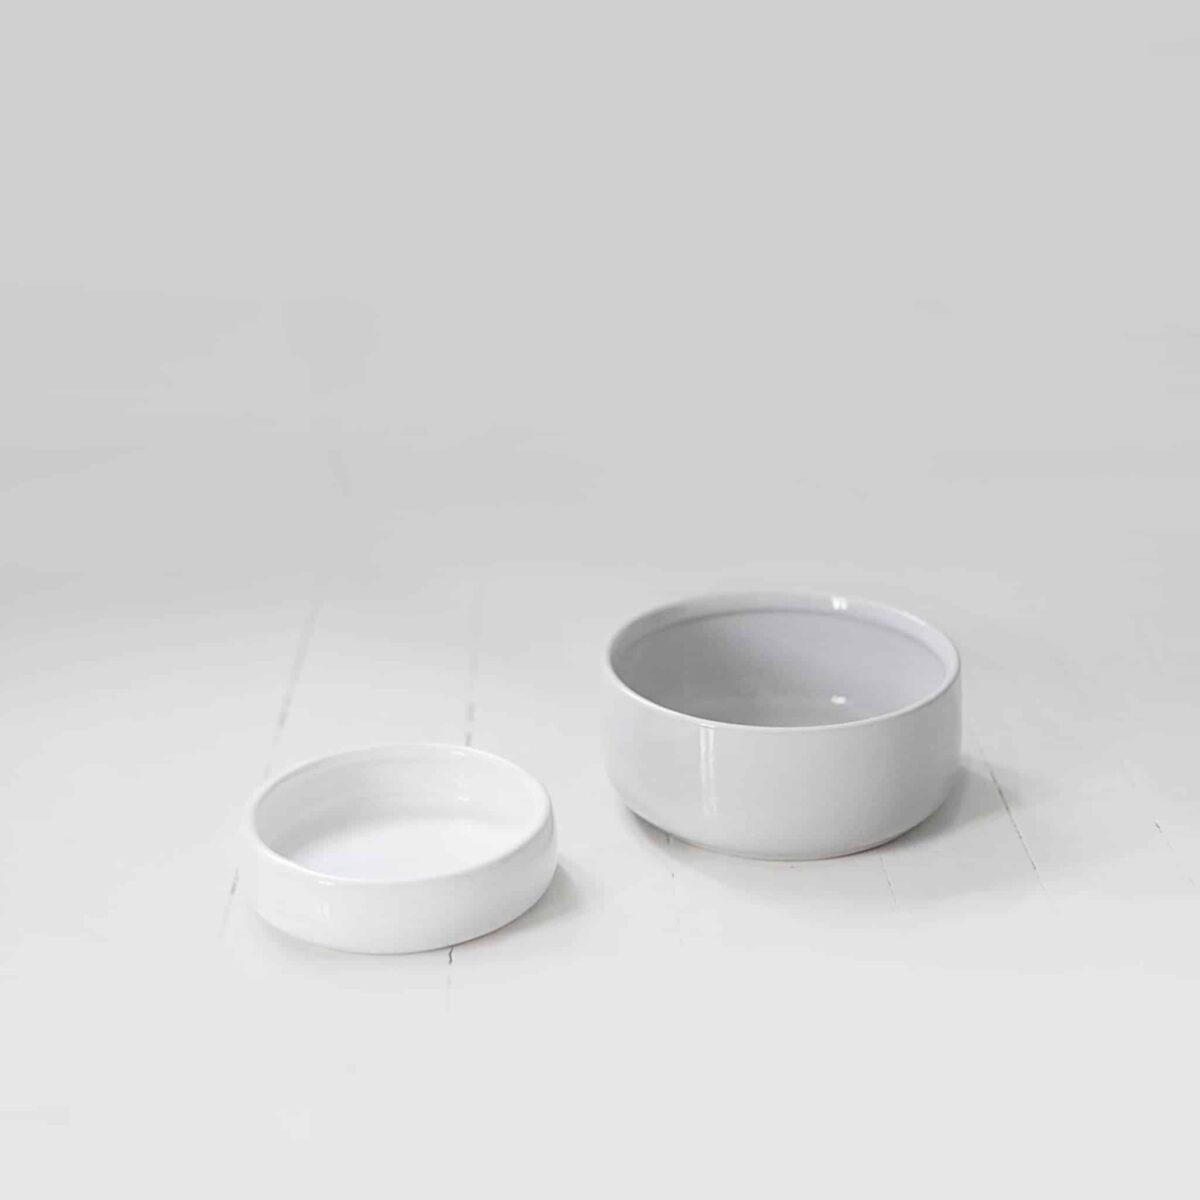 Kind_Ceramic_Bowls_009